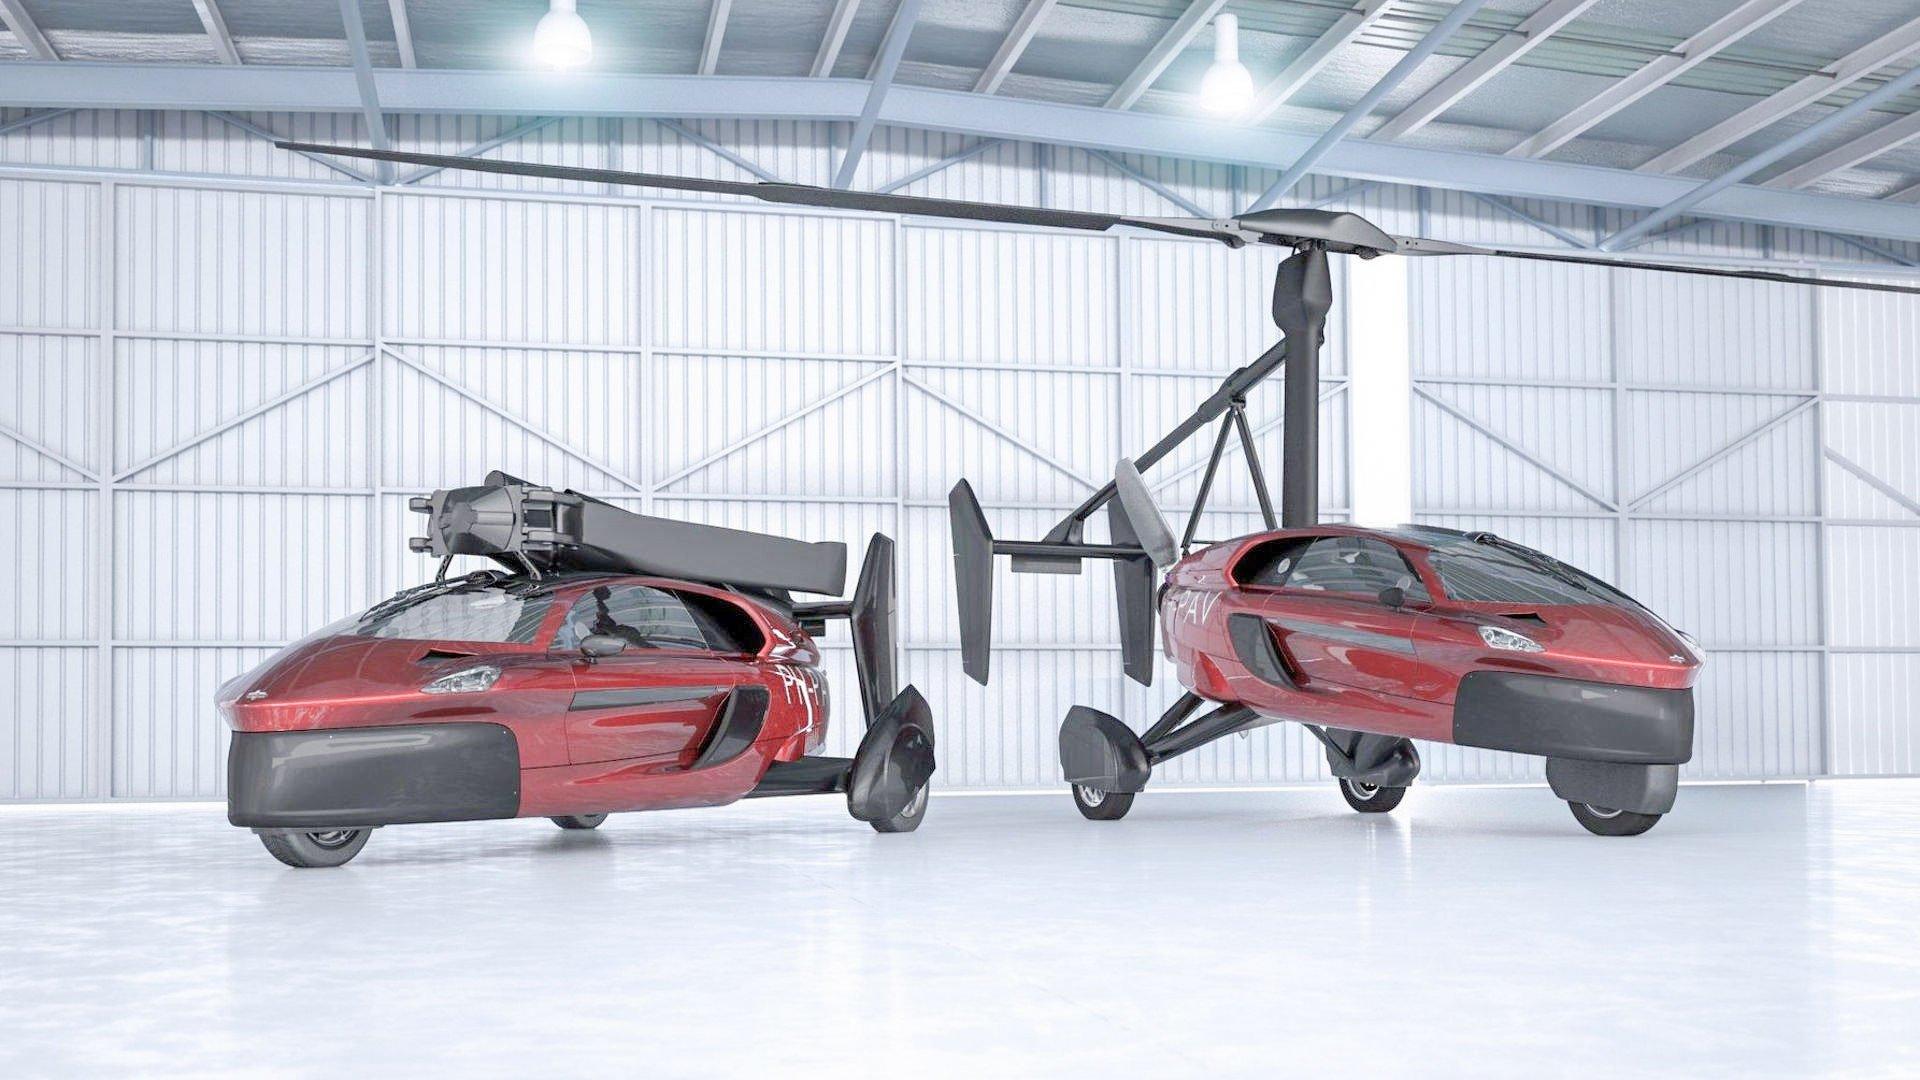 荷蘭PAL-V公司研發的飛行汽車Liberty將量產,預計2019年交貨。(PAL-V)